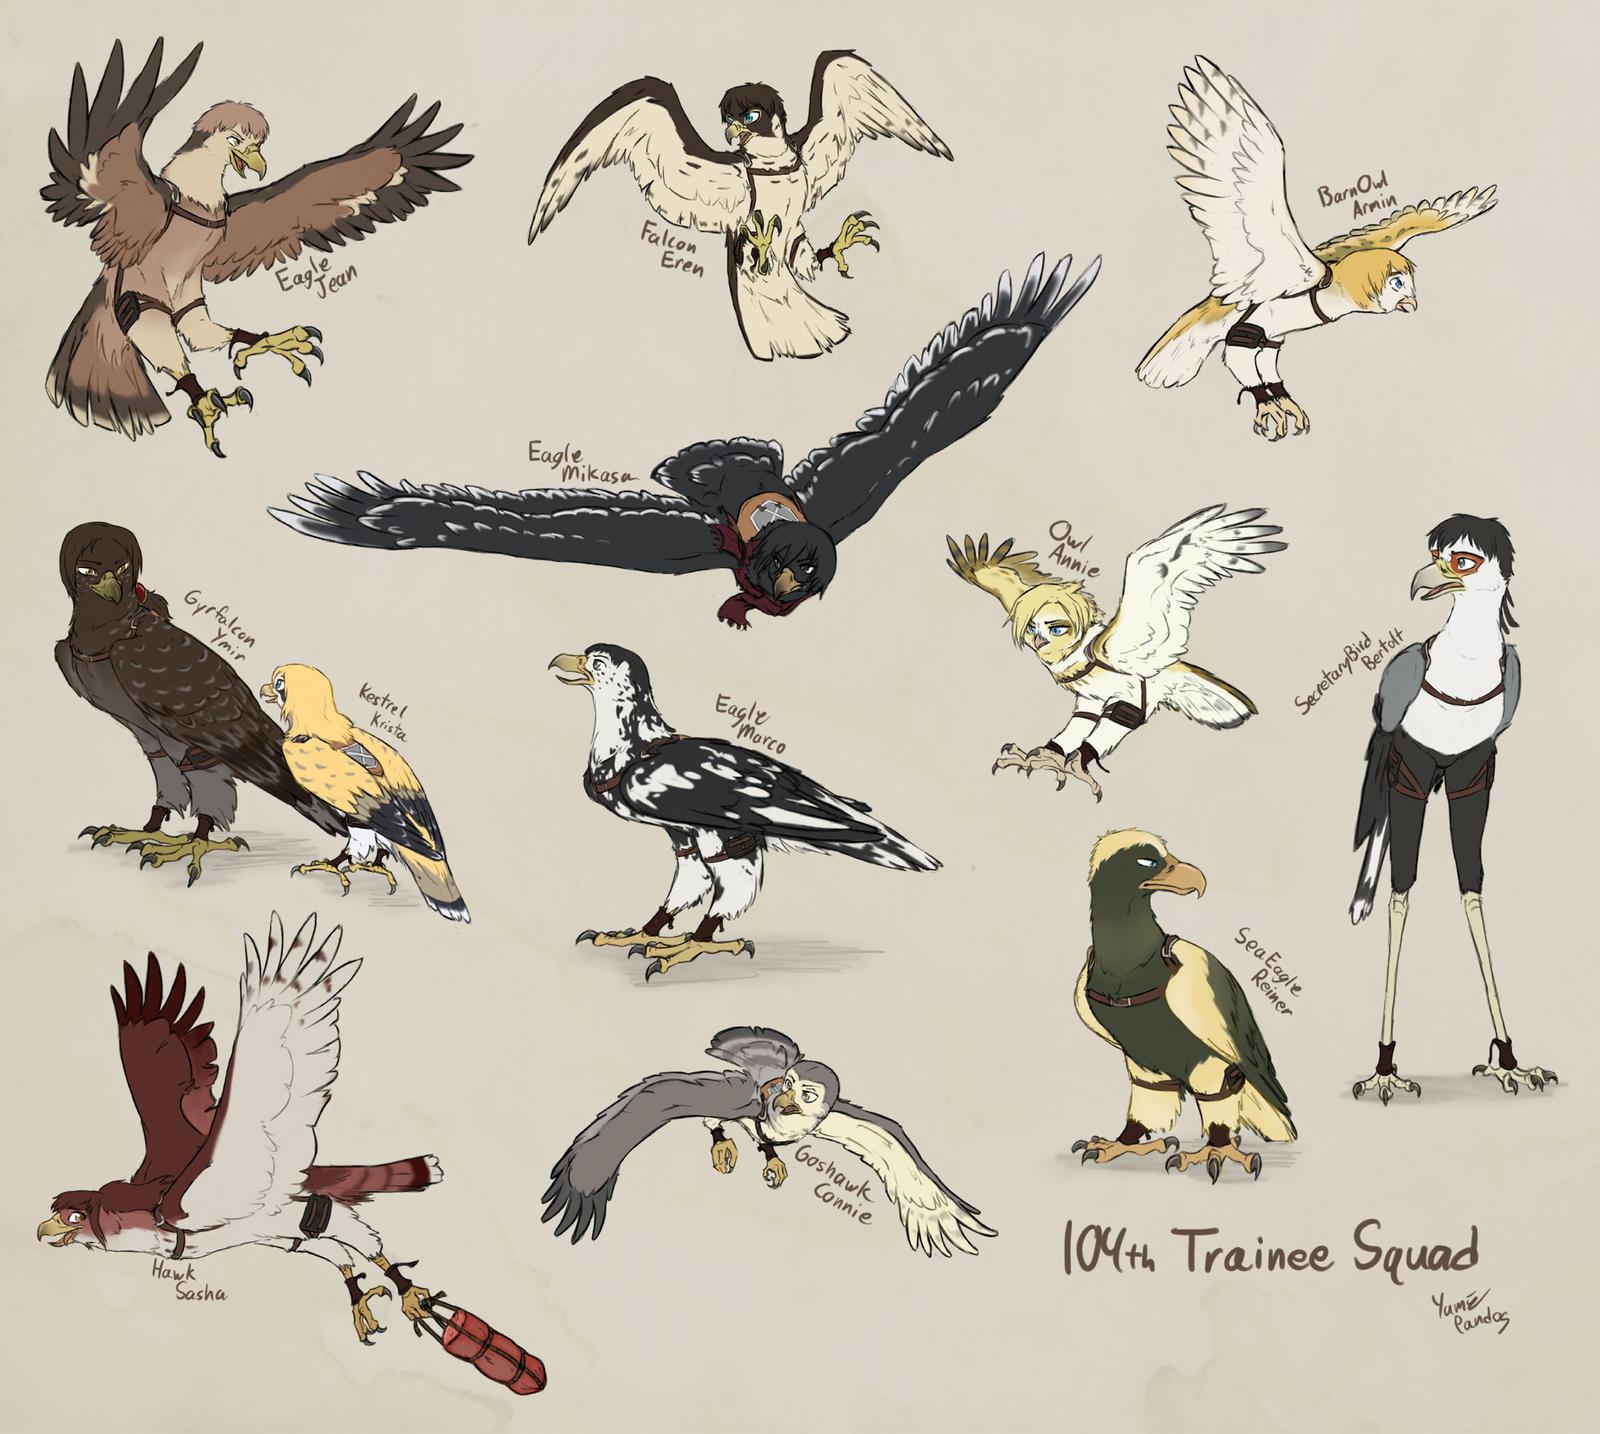 SnK birds of prey: 104th Trainee Squad by PurplePandog